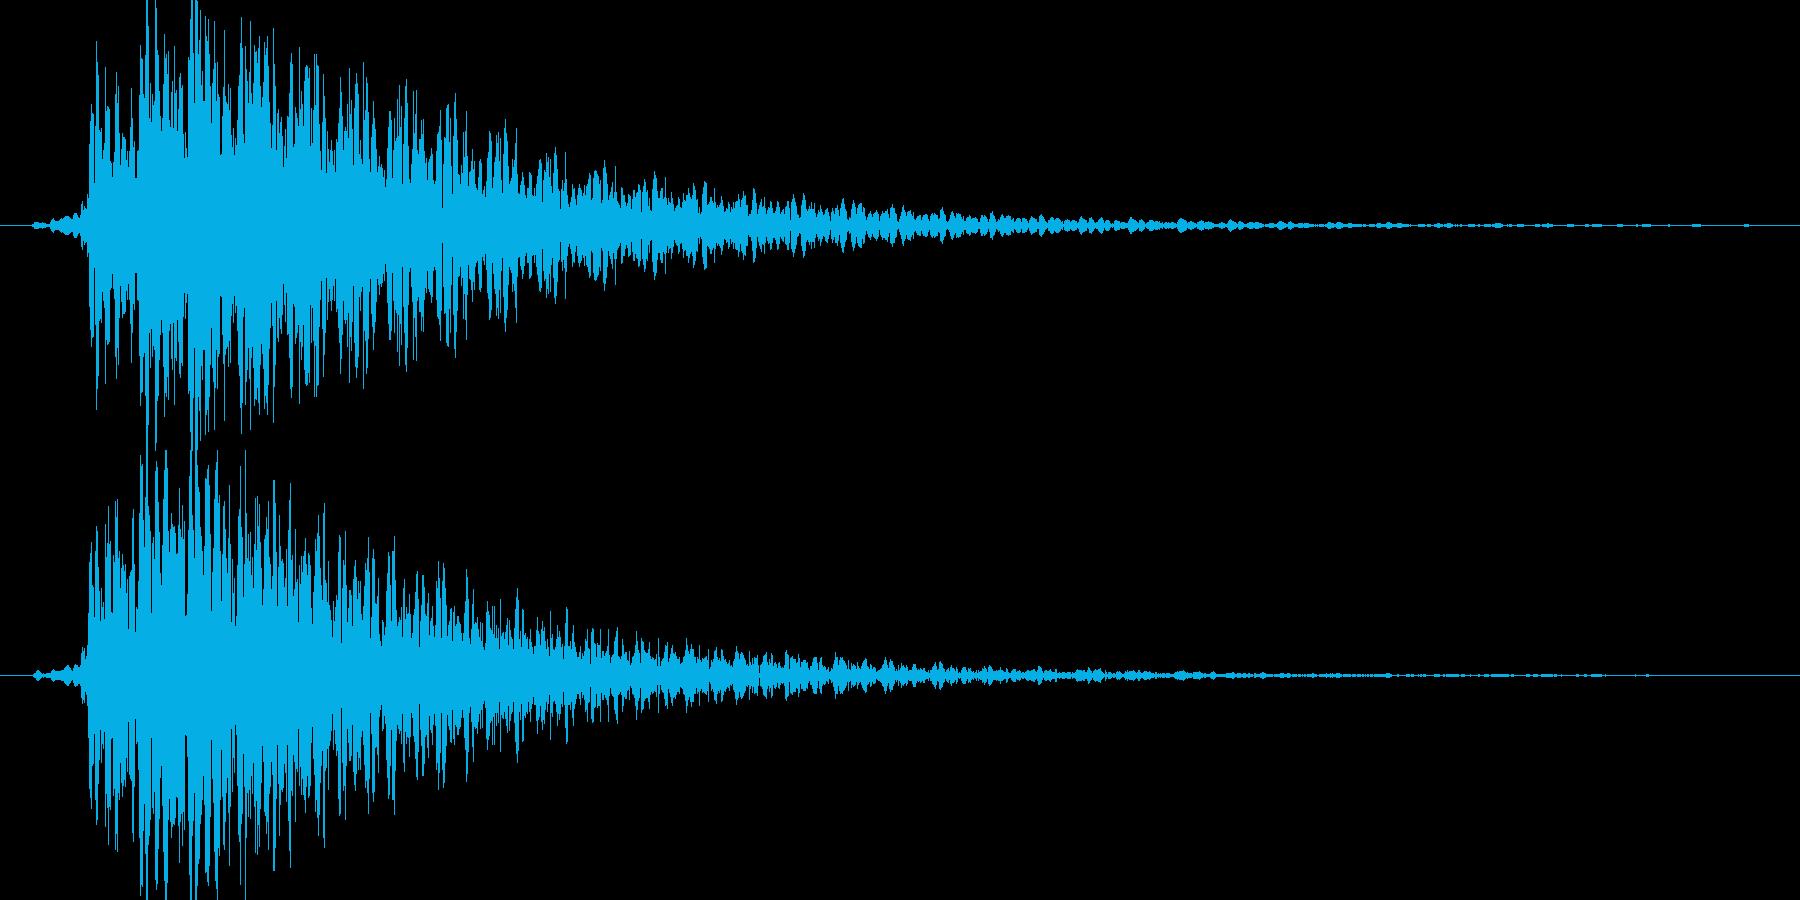 攻撃キャンセル音の再生済みの波形